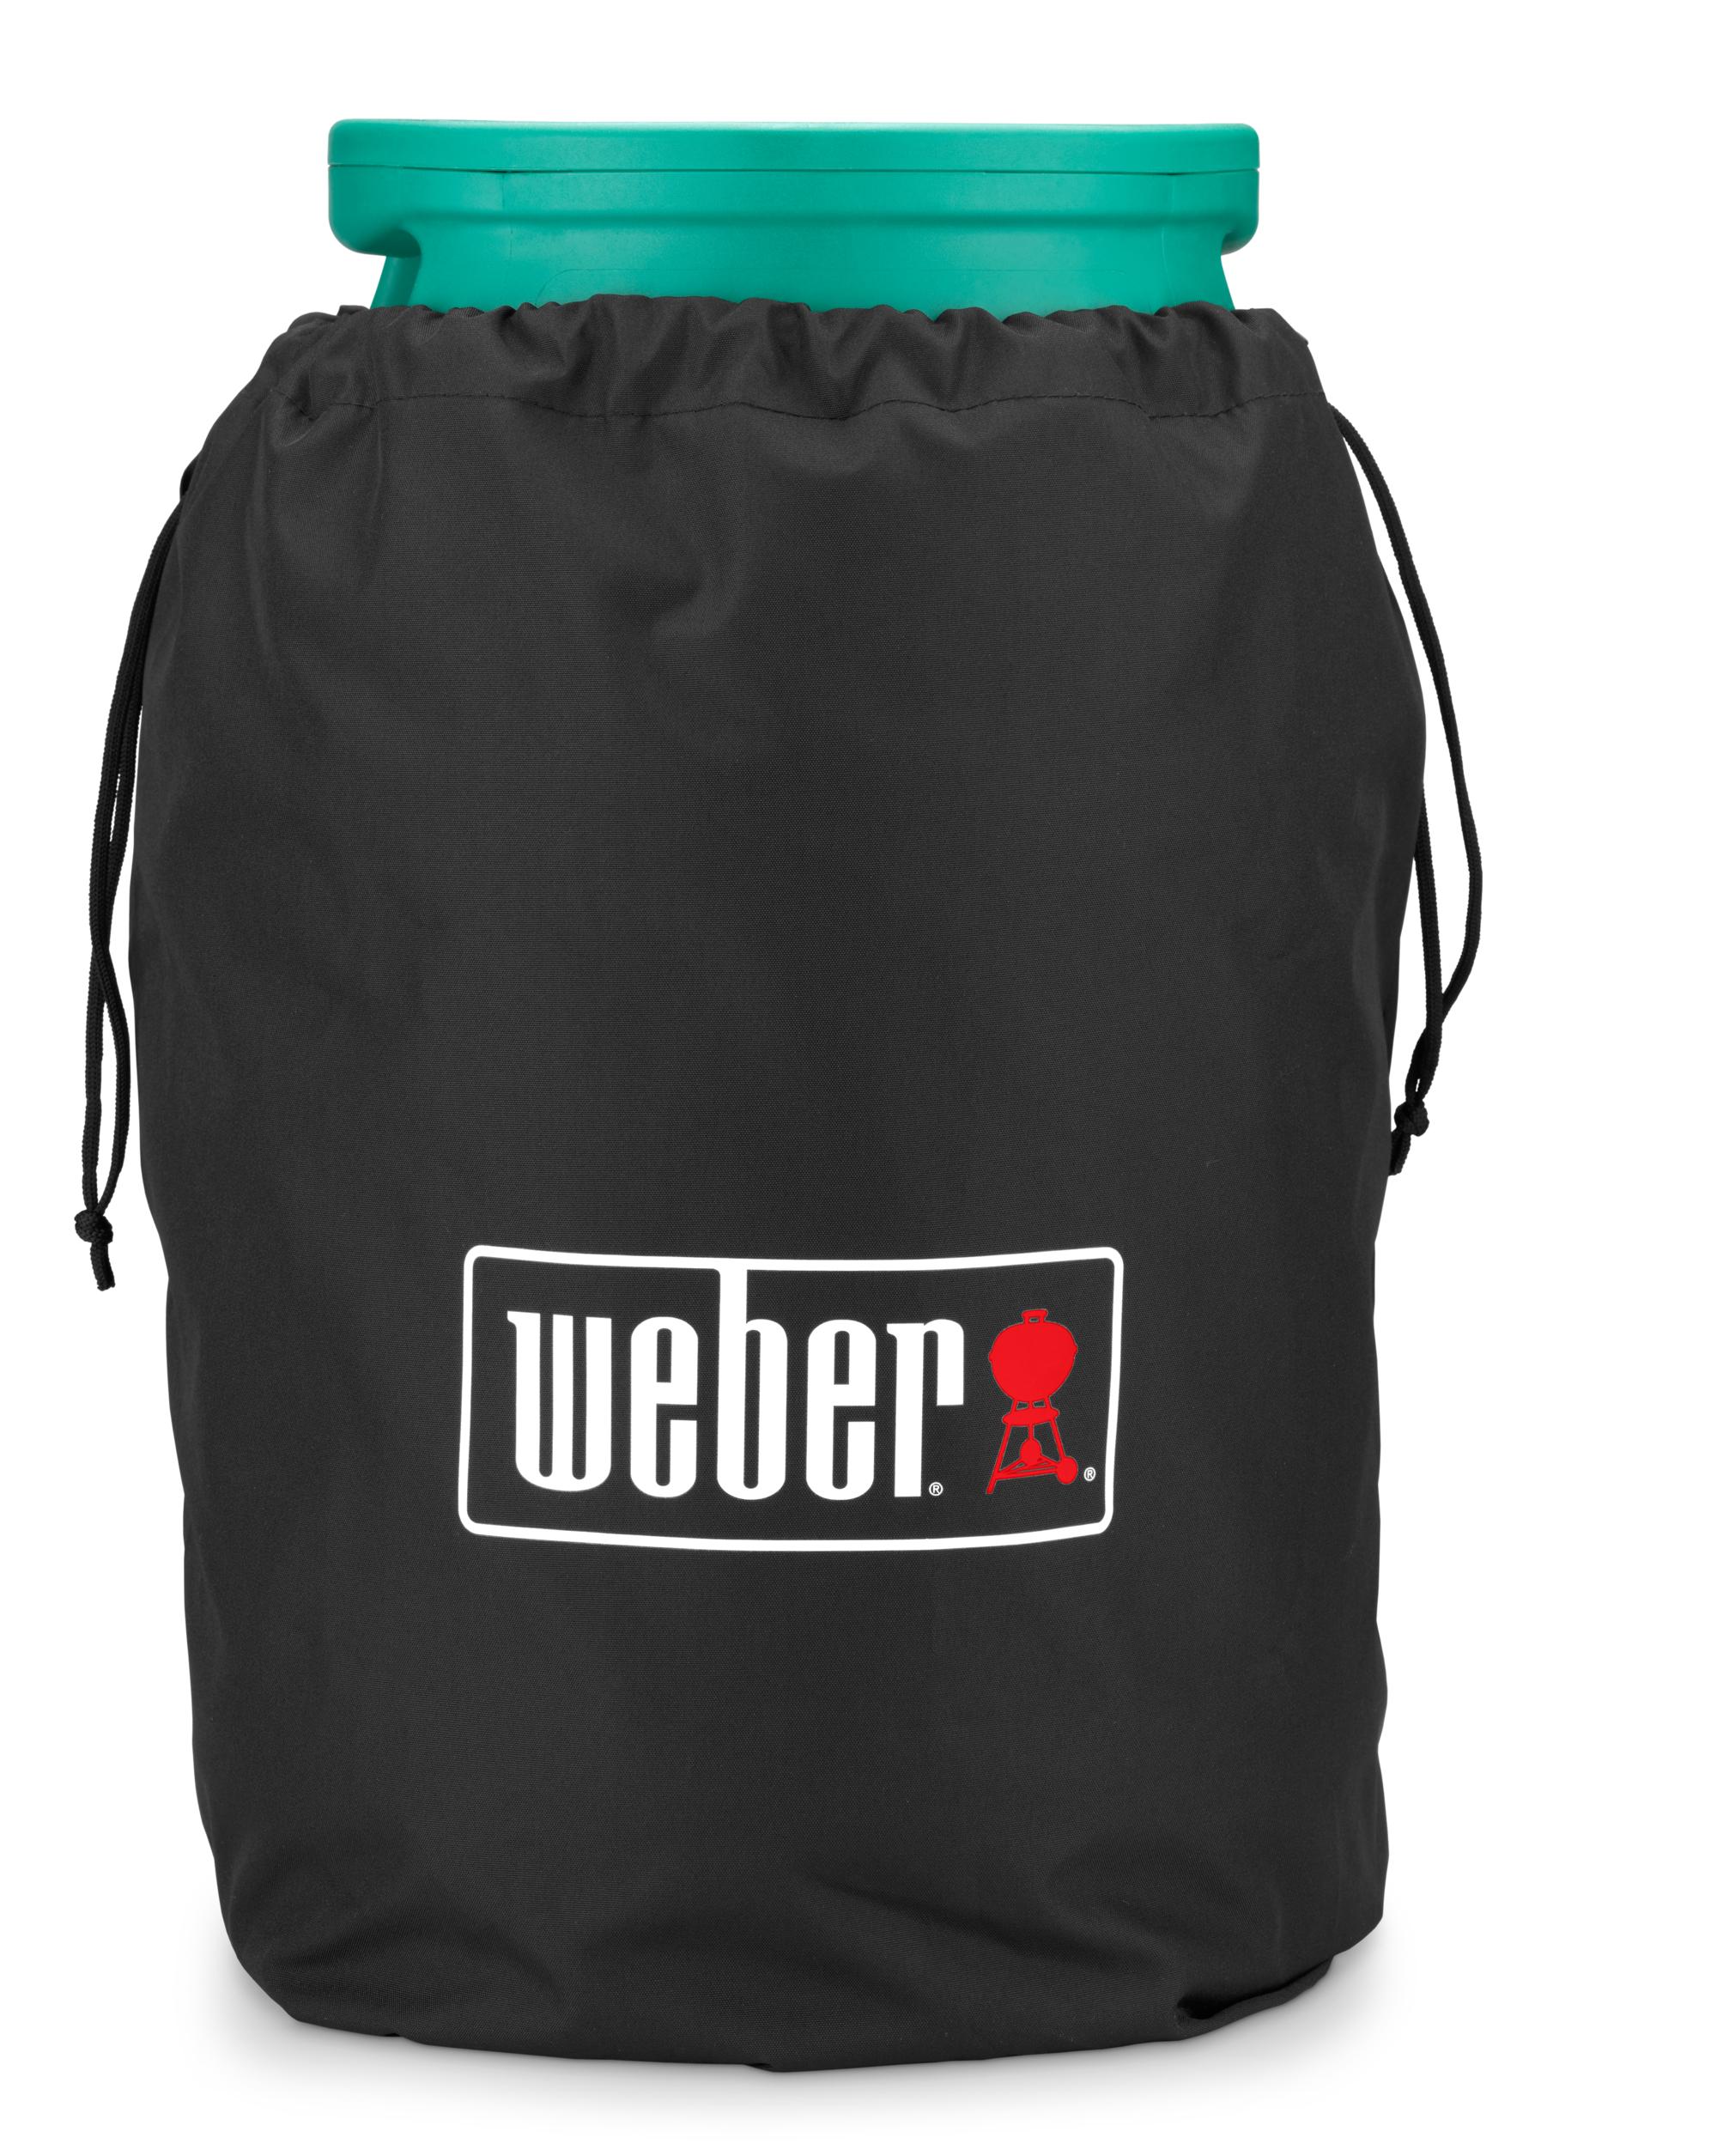 Weber Gasflaschenschutzhülle für 11kg Gasflaschen